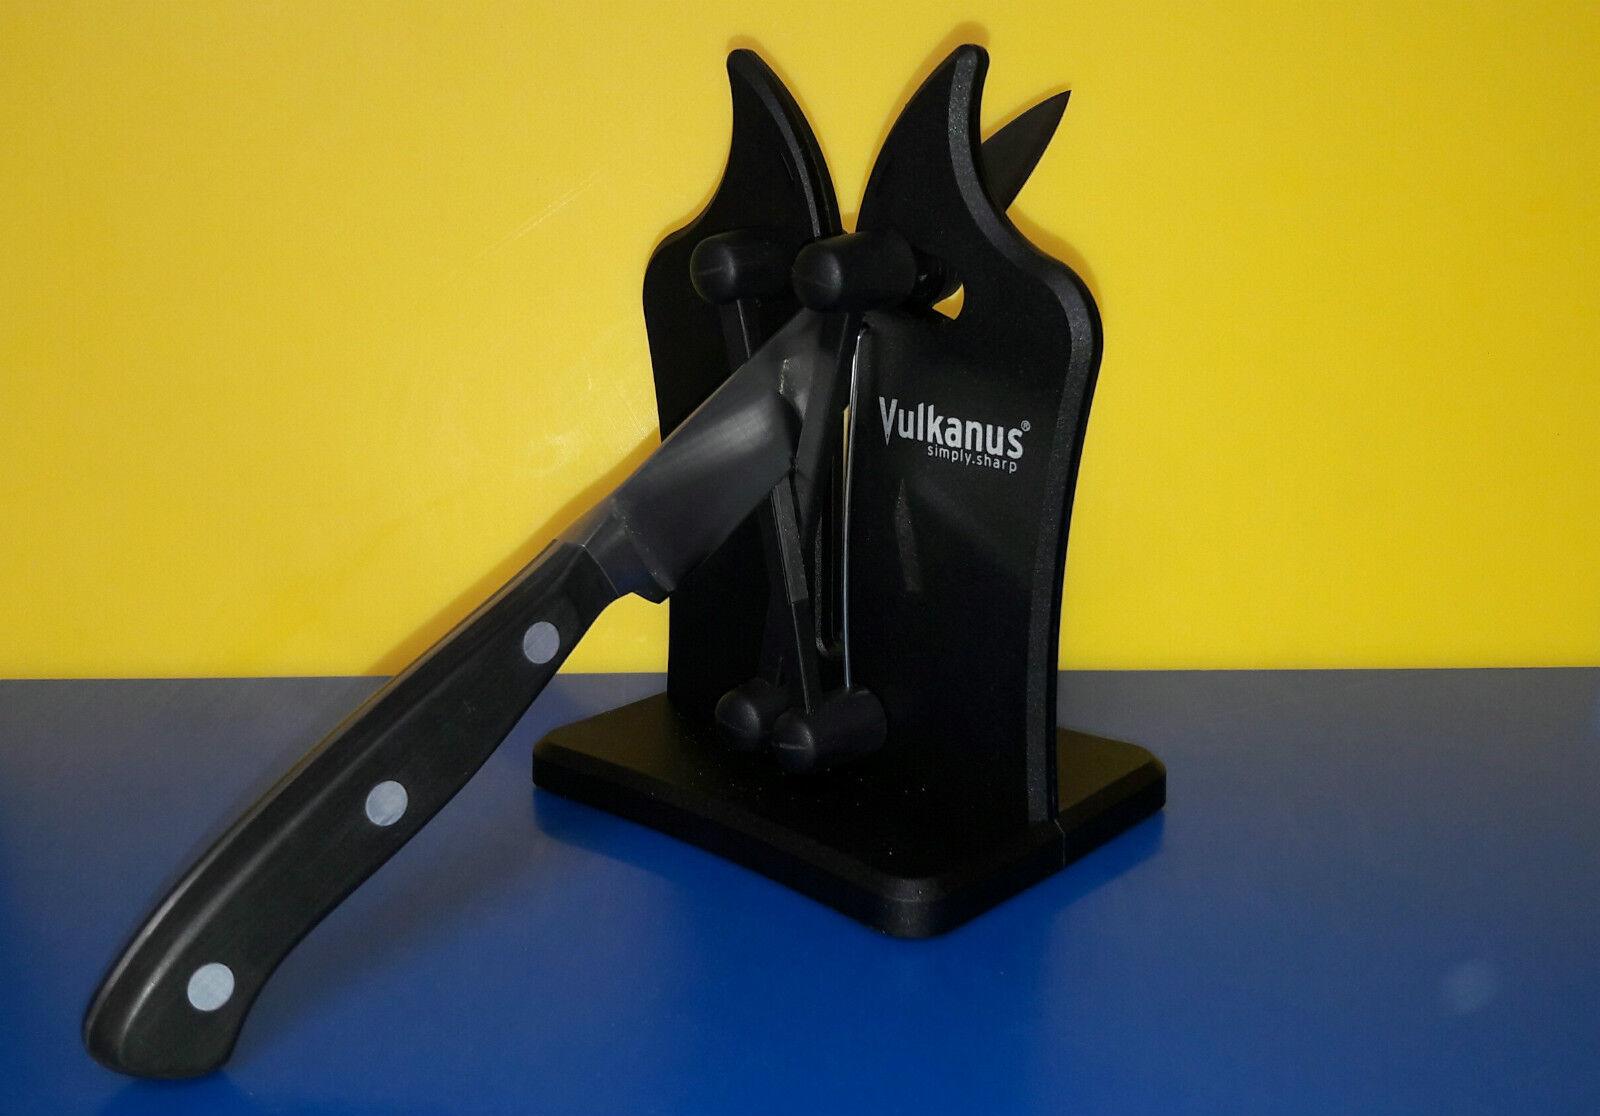 Vulkanus Messerschärfer Classic Farbe schwarz Messerschleifer Abzieher Abzieher Abzieher  NEU  | Verschiedene Arten Und Die Styles  dbb67b